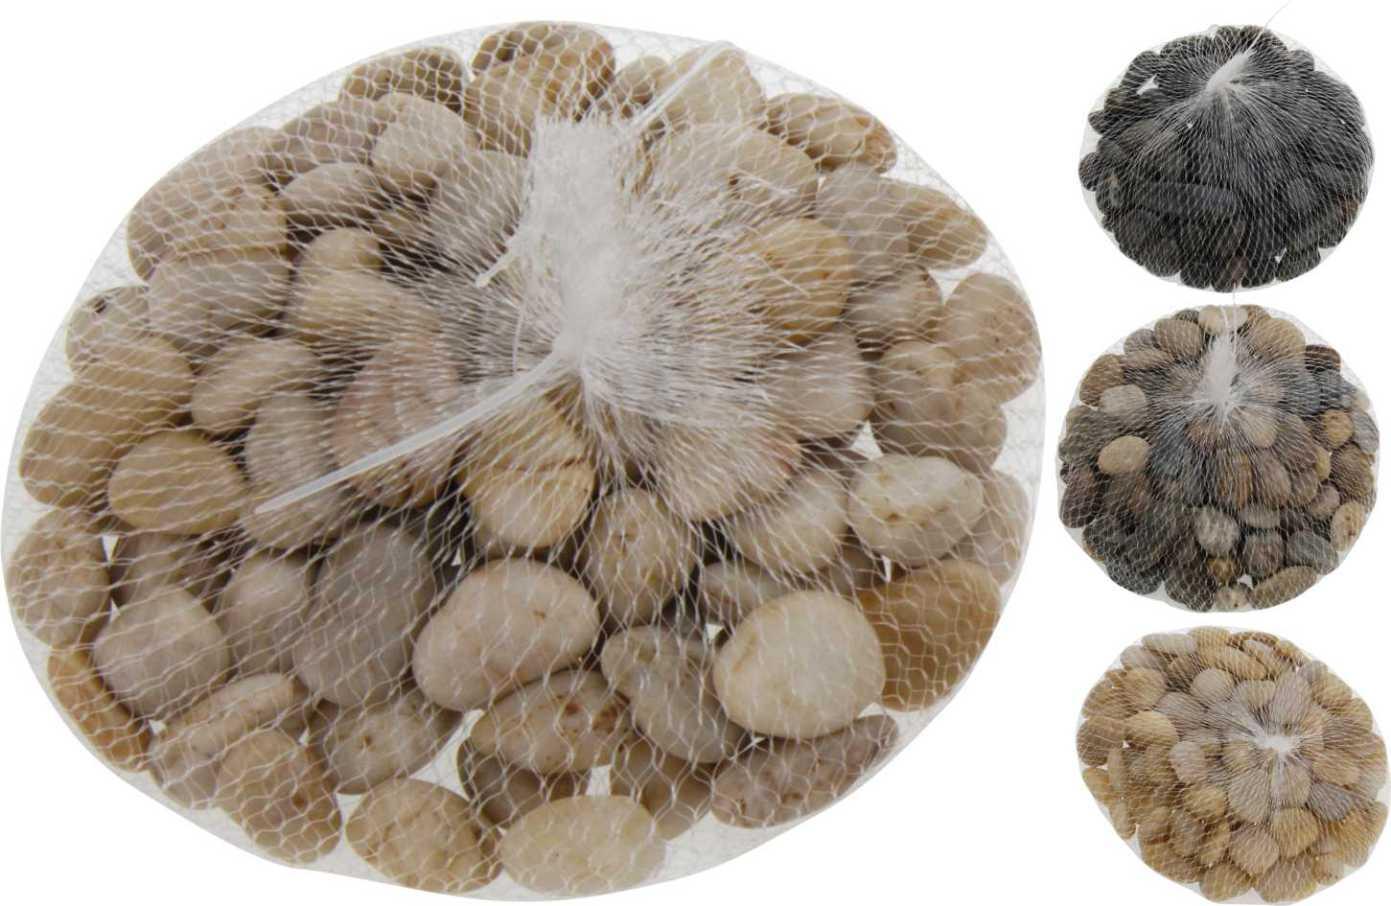 Kamienie Dekoracyjne Ozdobne 1kg 4 Wzory 900524